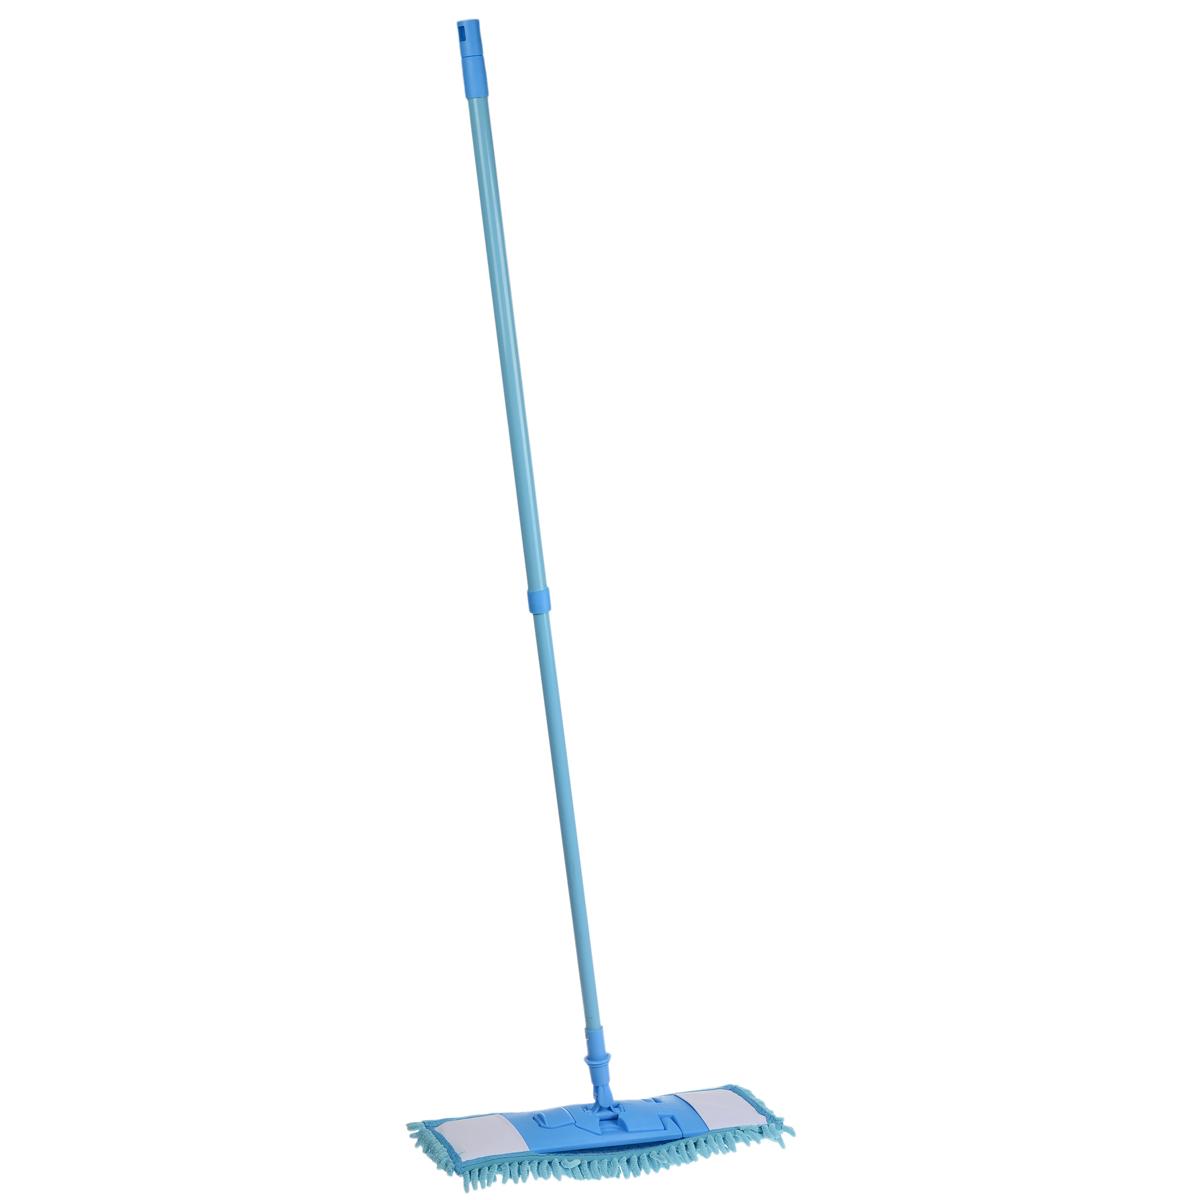 Швабра Home Queen Еврокласс с телескопической ручкой, цвет: голубой, 73-126 см56649_голубойШвабра Home Queen Еврокласс, выполненная из высококачественной стали, полипропилена, полиэстера и полиамида, идеально подходит для мытья всех типов напольных поверхностей: паркет, ламинат, линолеум, кафельная плитка. Материал насадки - шенилл (разновидность микрофибры) обладает высокой износостойкостью, не царапает поверхности и отлично впитывает влагу. Кроме того, сверхтонкое волокно микрофибры состоит из двух полимеров, соединенных в одну нить. Один из полимеров обладает свойством притягивать жирные и маслянистые вещества, таким образом, масло и жир прилипают непосредственно к волокнам насадки, что позволяет во многих случаях не использовать при уборке чистящие средства. Благодаря своей структуре, шенилловая насадка отлично моет углы. Телескопический механизм ручки позволяет выбрать необходимую вам длину, а также сэкономить место при хранении. Насадку можно стирать вручную или в стиральной машине с мягким моющим средством без...